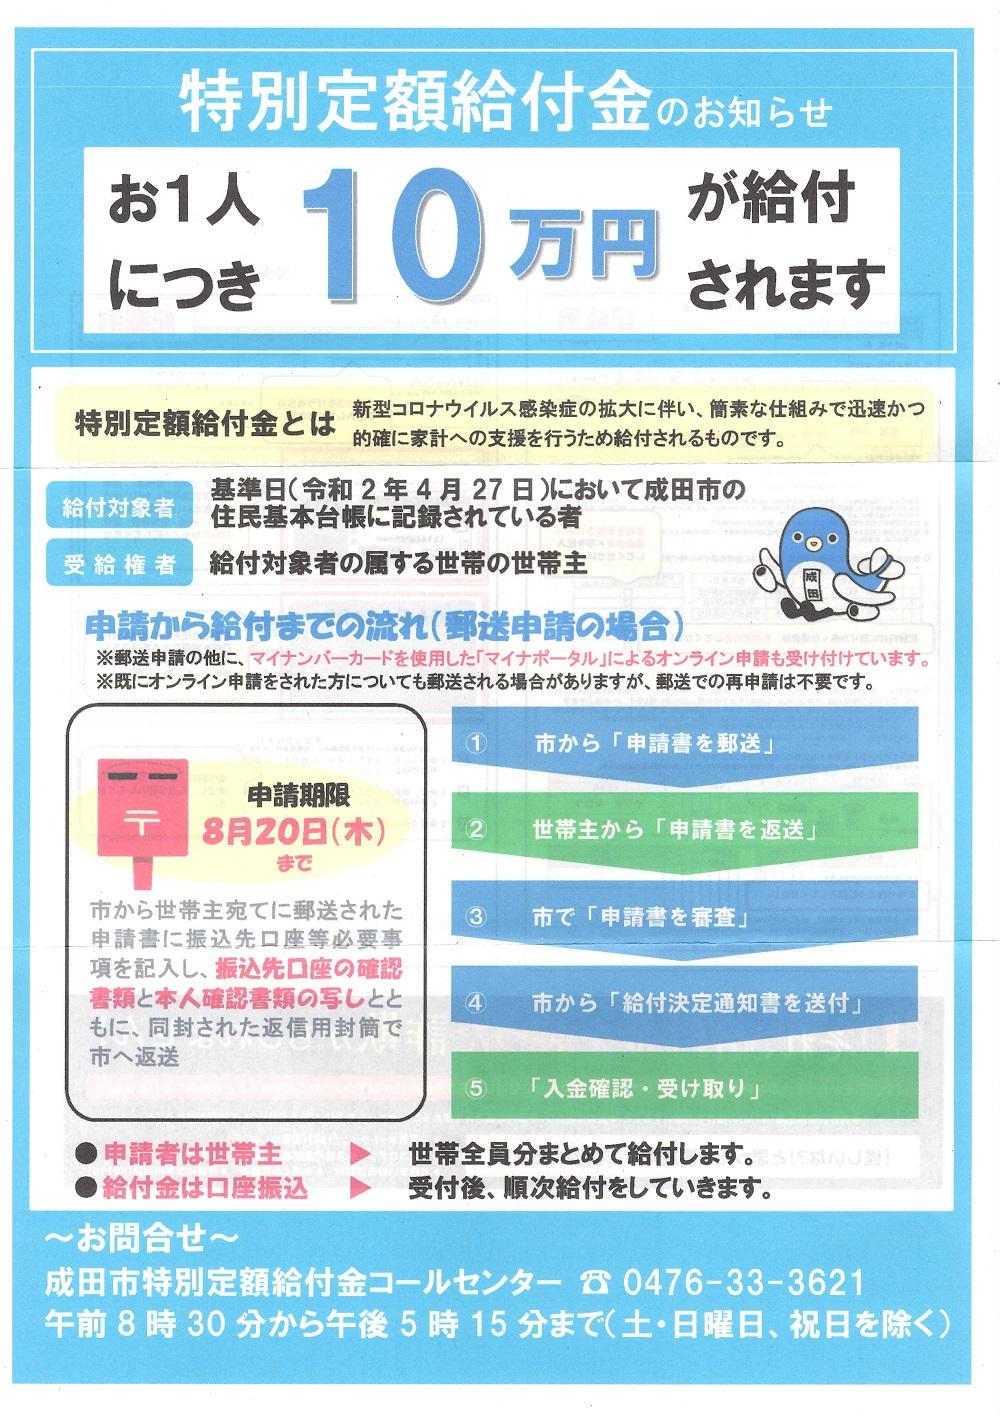 【資料】成田市の特別定額給付金『記入解説書』(表)